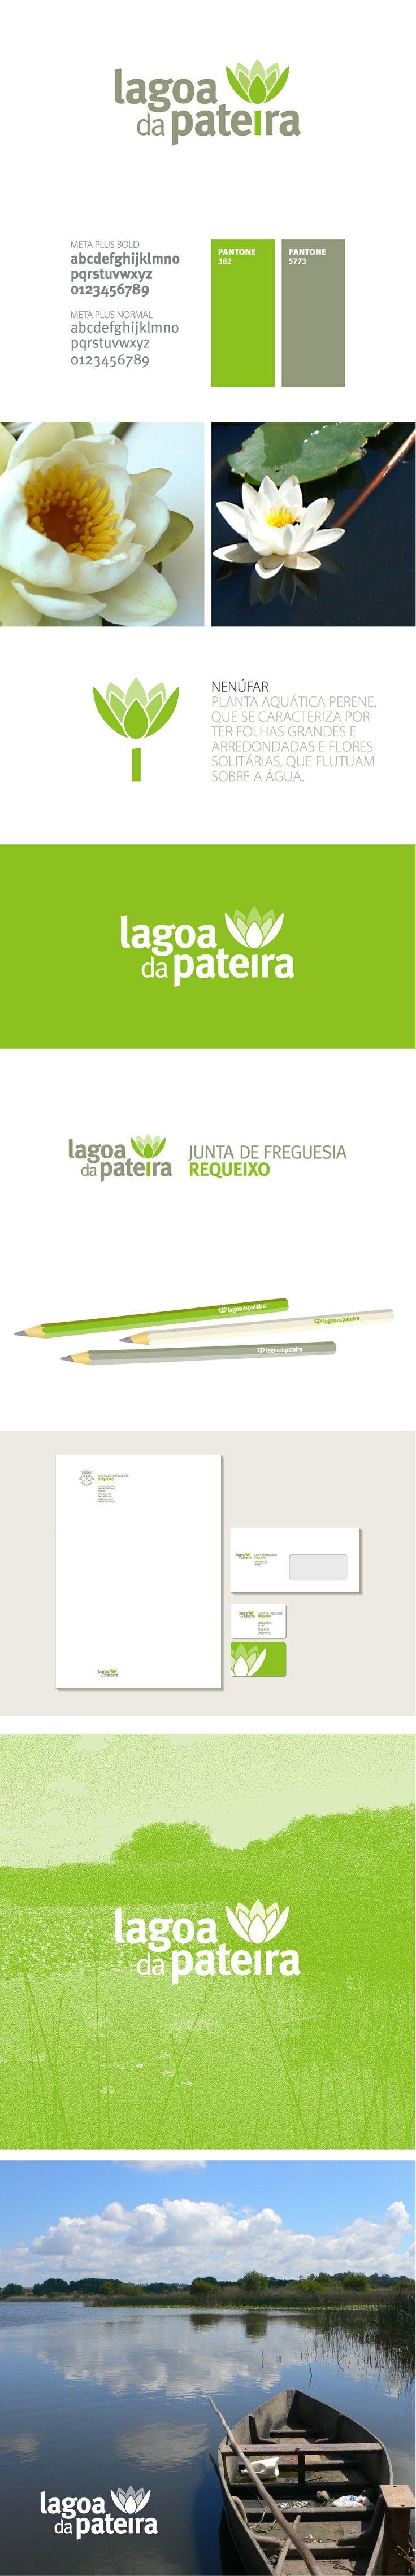 GRAPHIC DESIGN http://www.marieladias.com/pateira.html